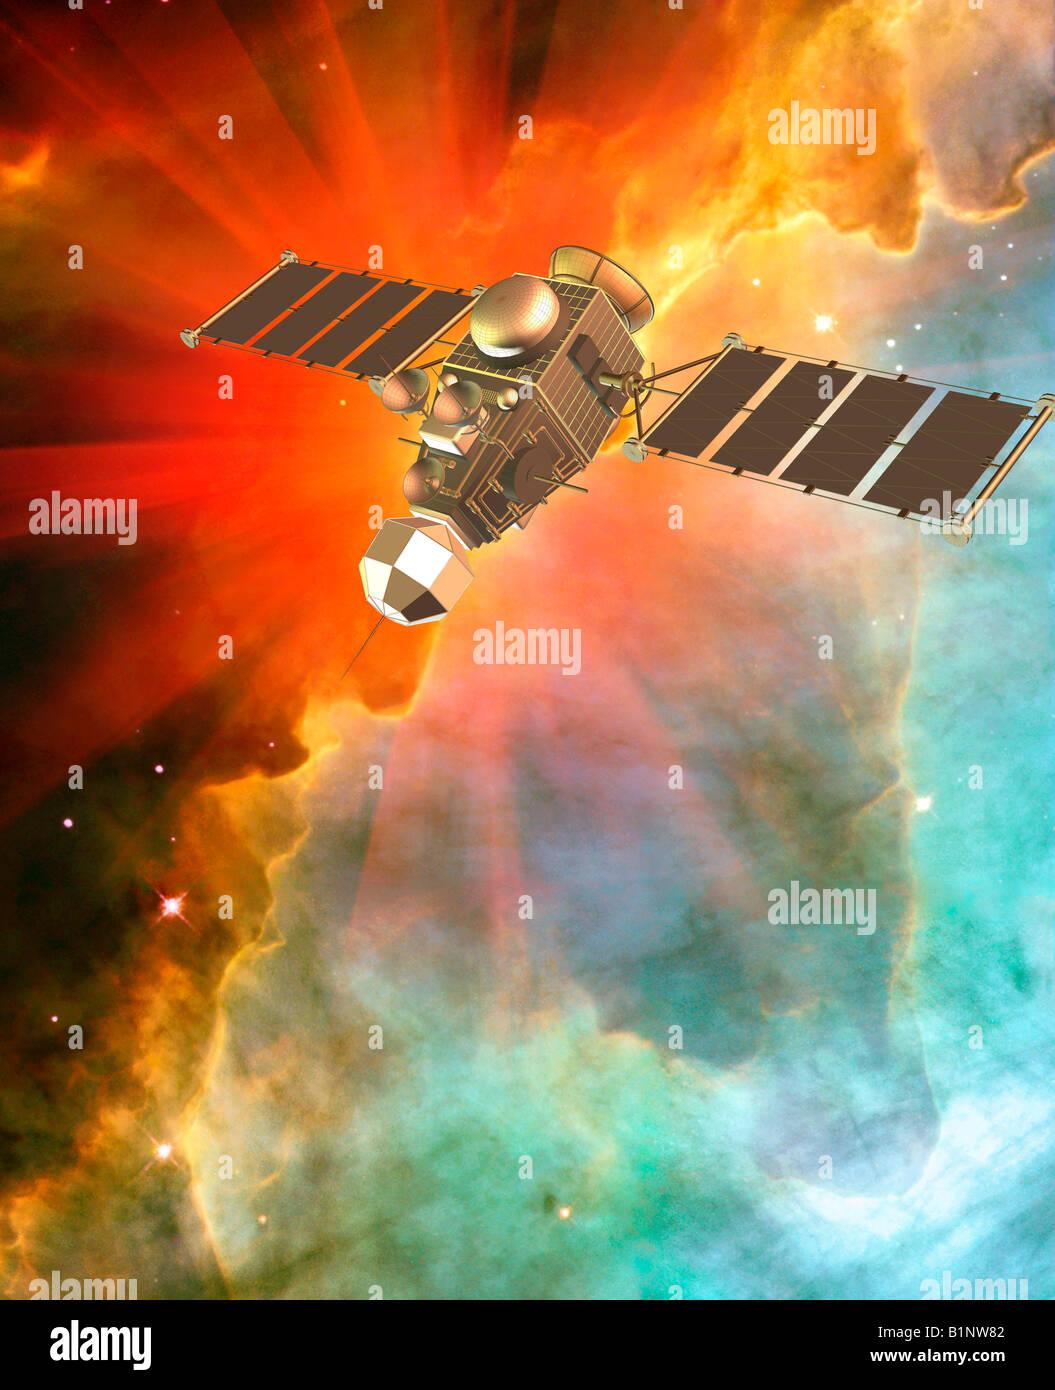 computergenerierte 3D Konzept des Raumfahrzeuges Digital hinzugefügt, um einen Hintergrund der Galaxie im Weltall Stockbild